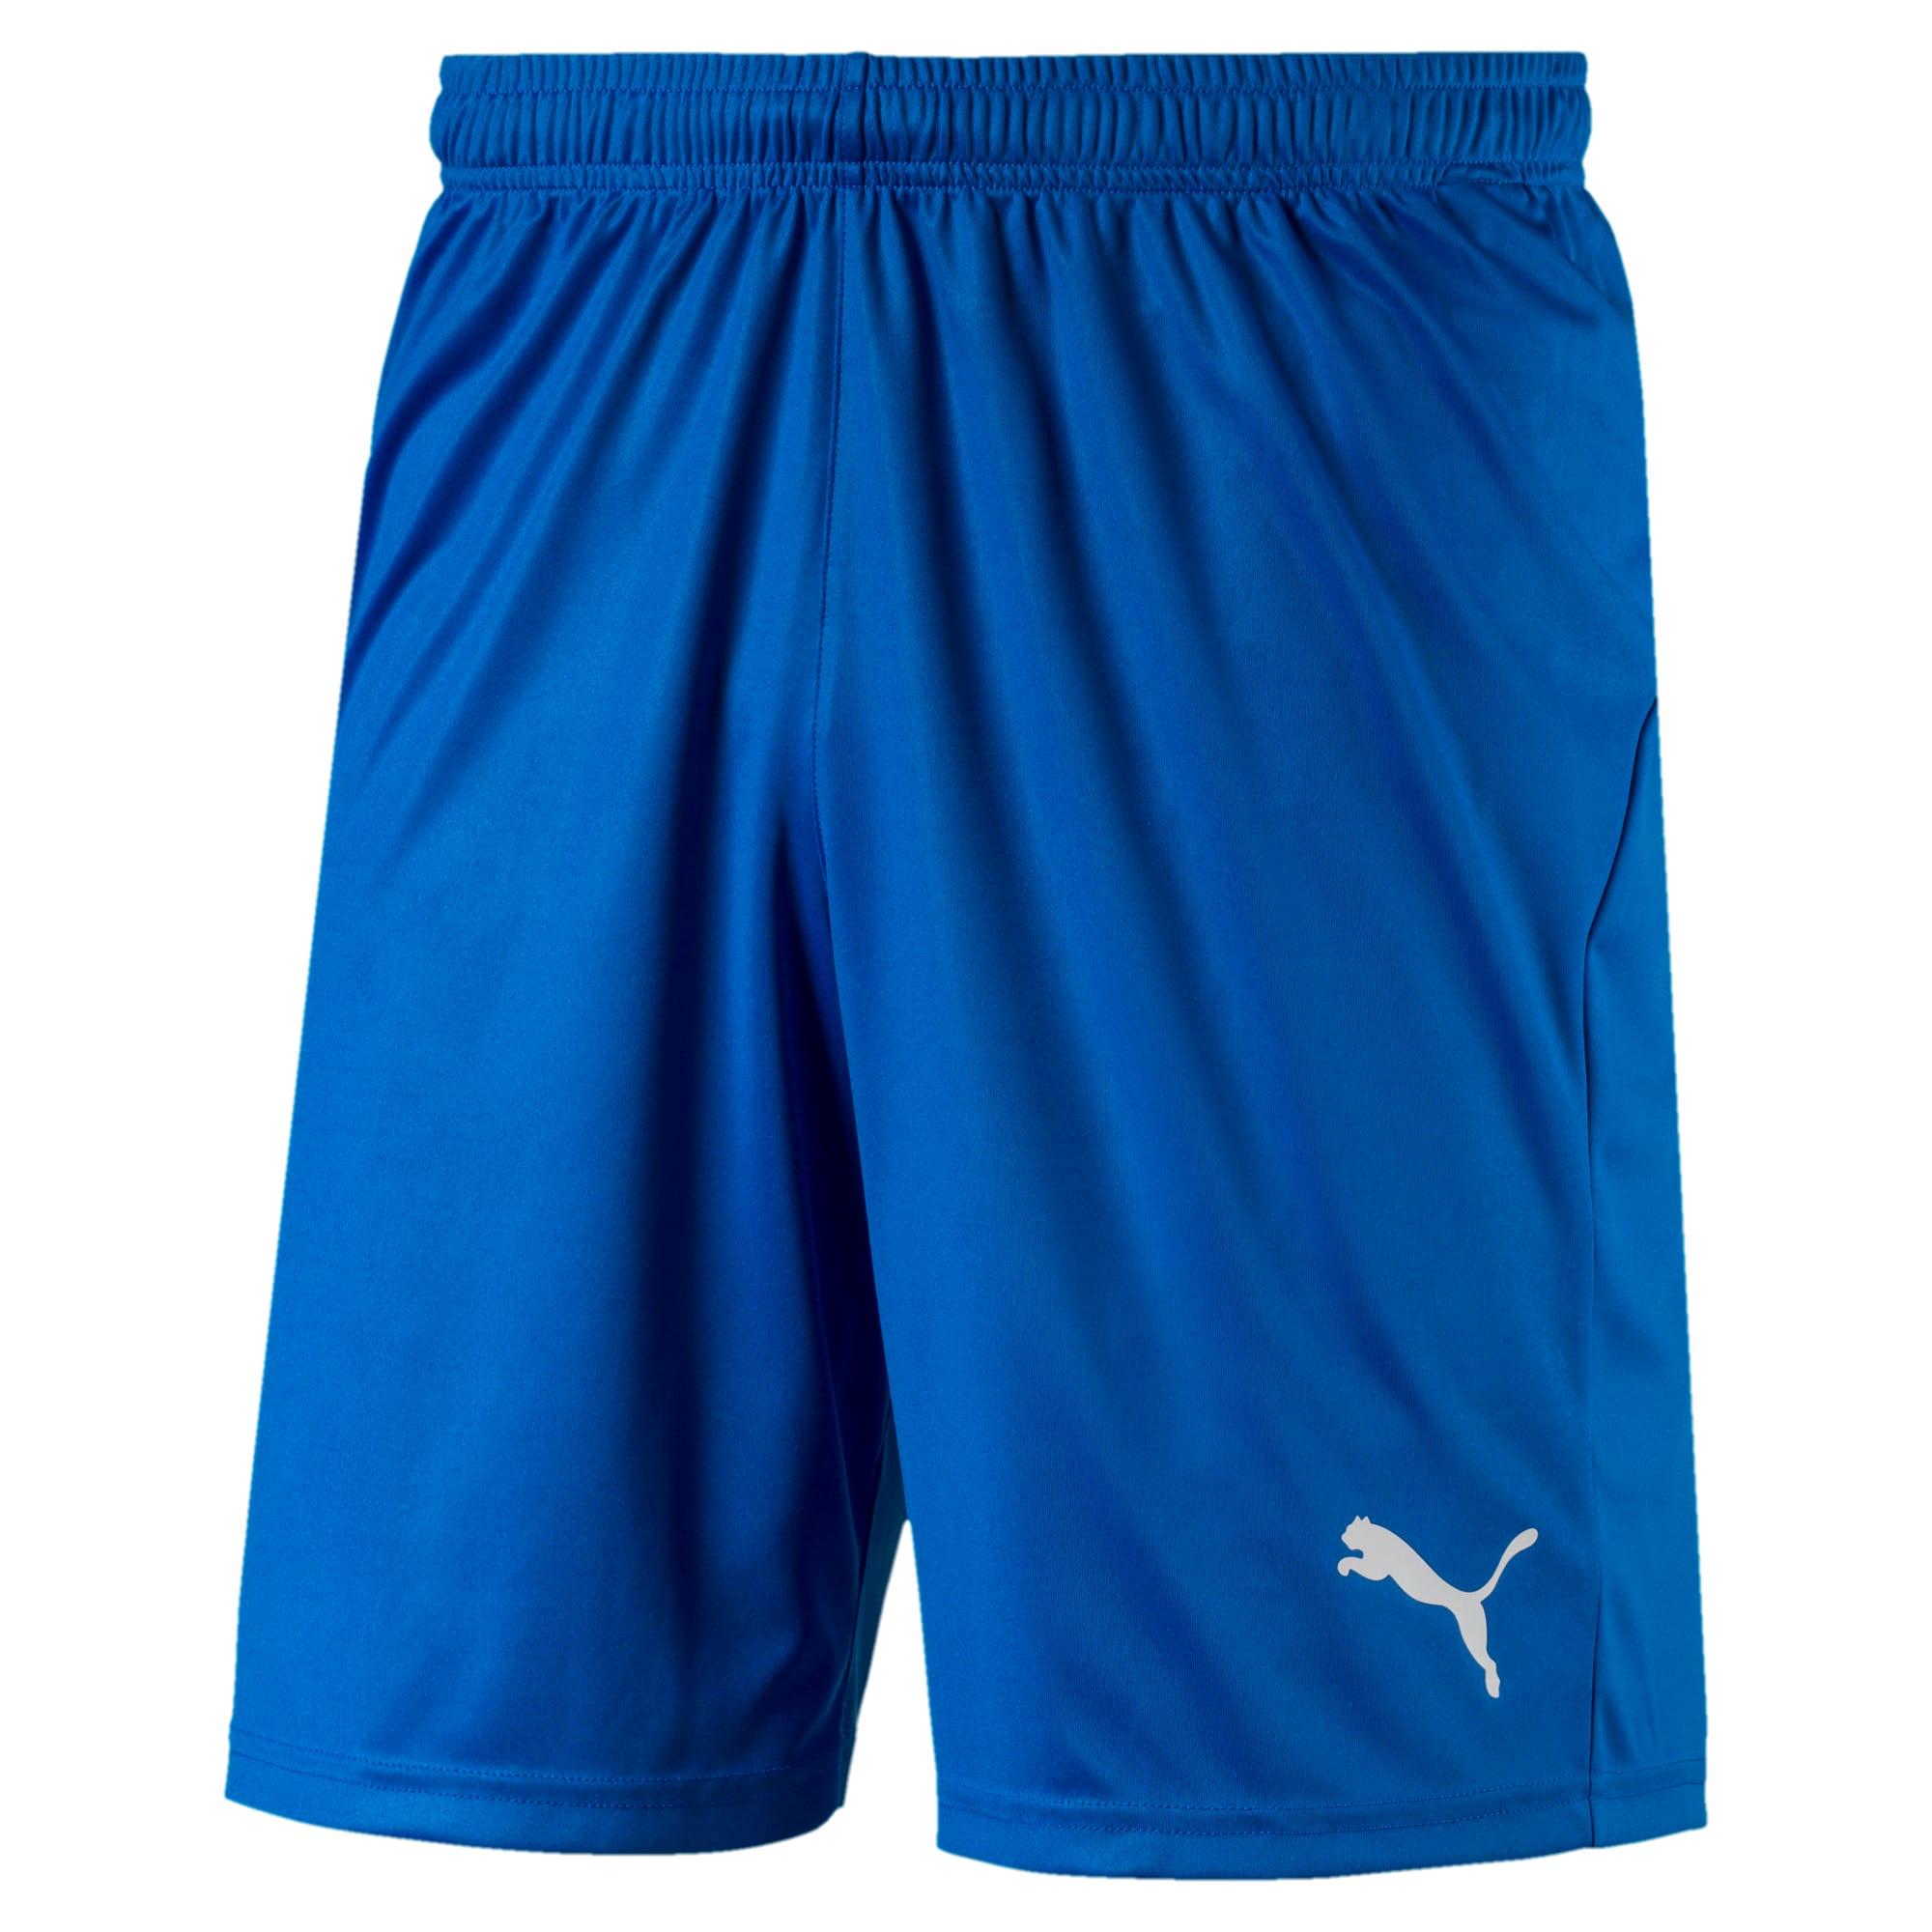 Thumbnail 4 of Liga Core Men's Shorts, Electric Blue Lemonade-White, medium